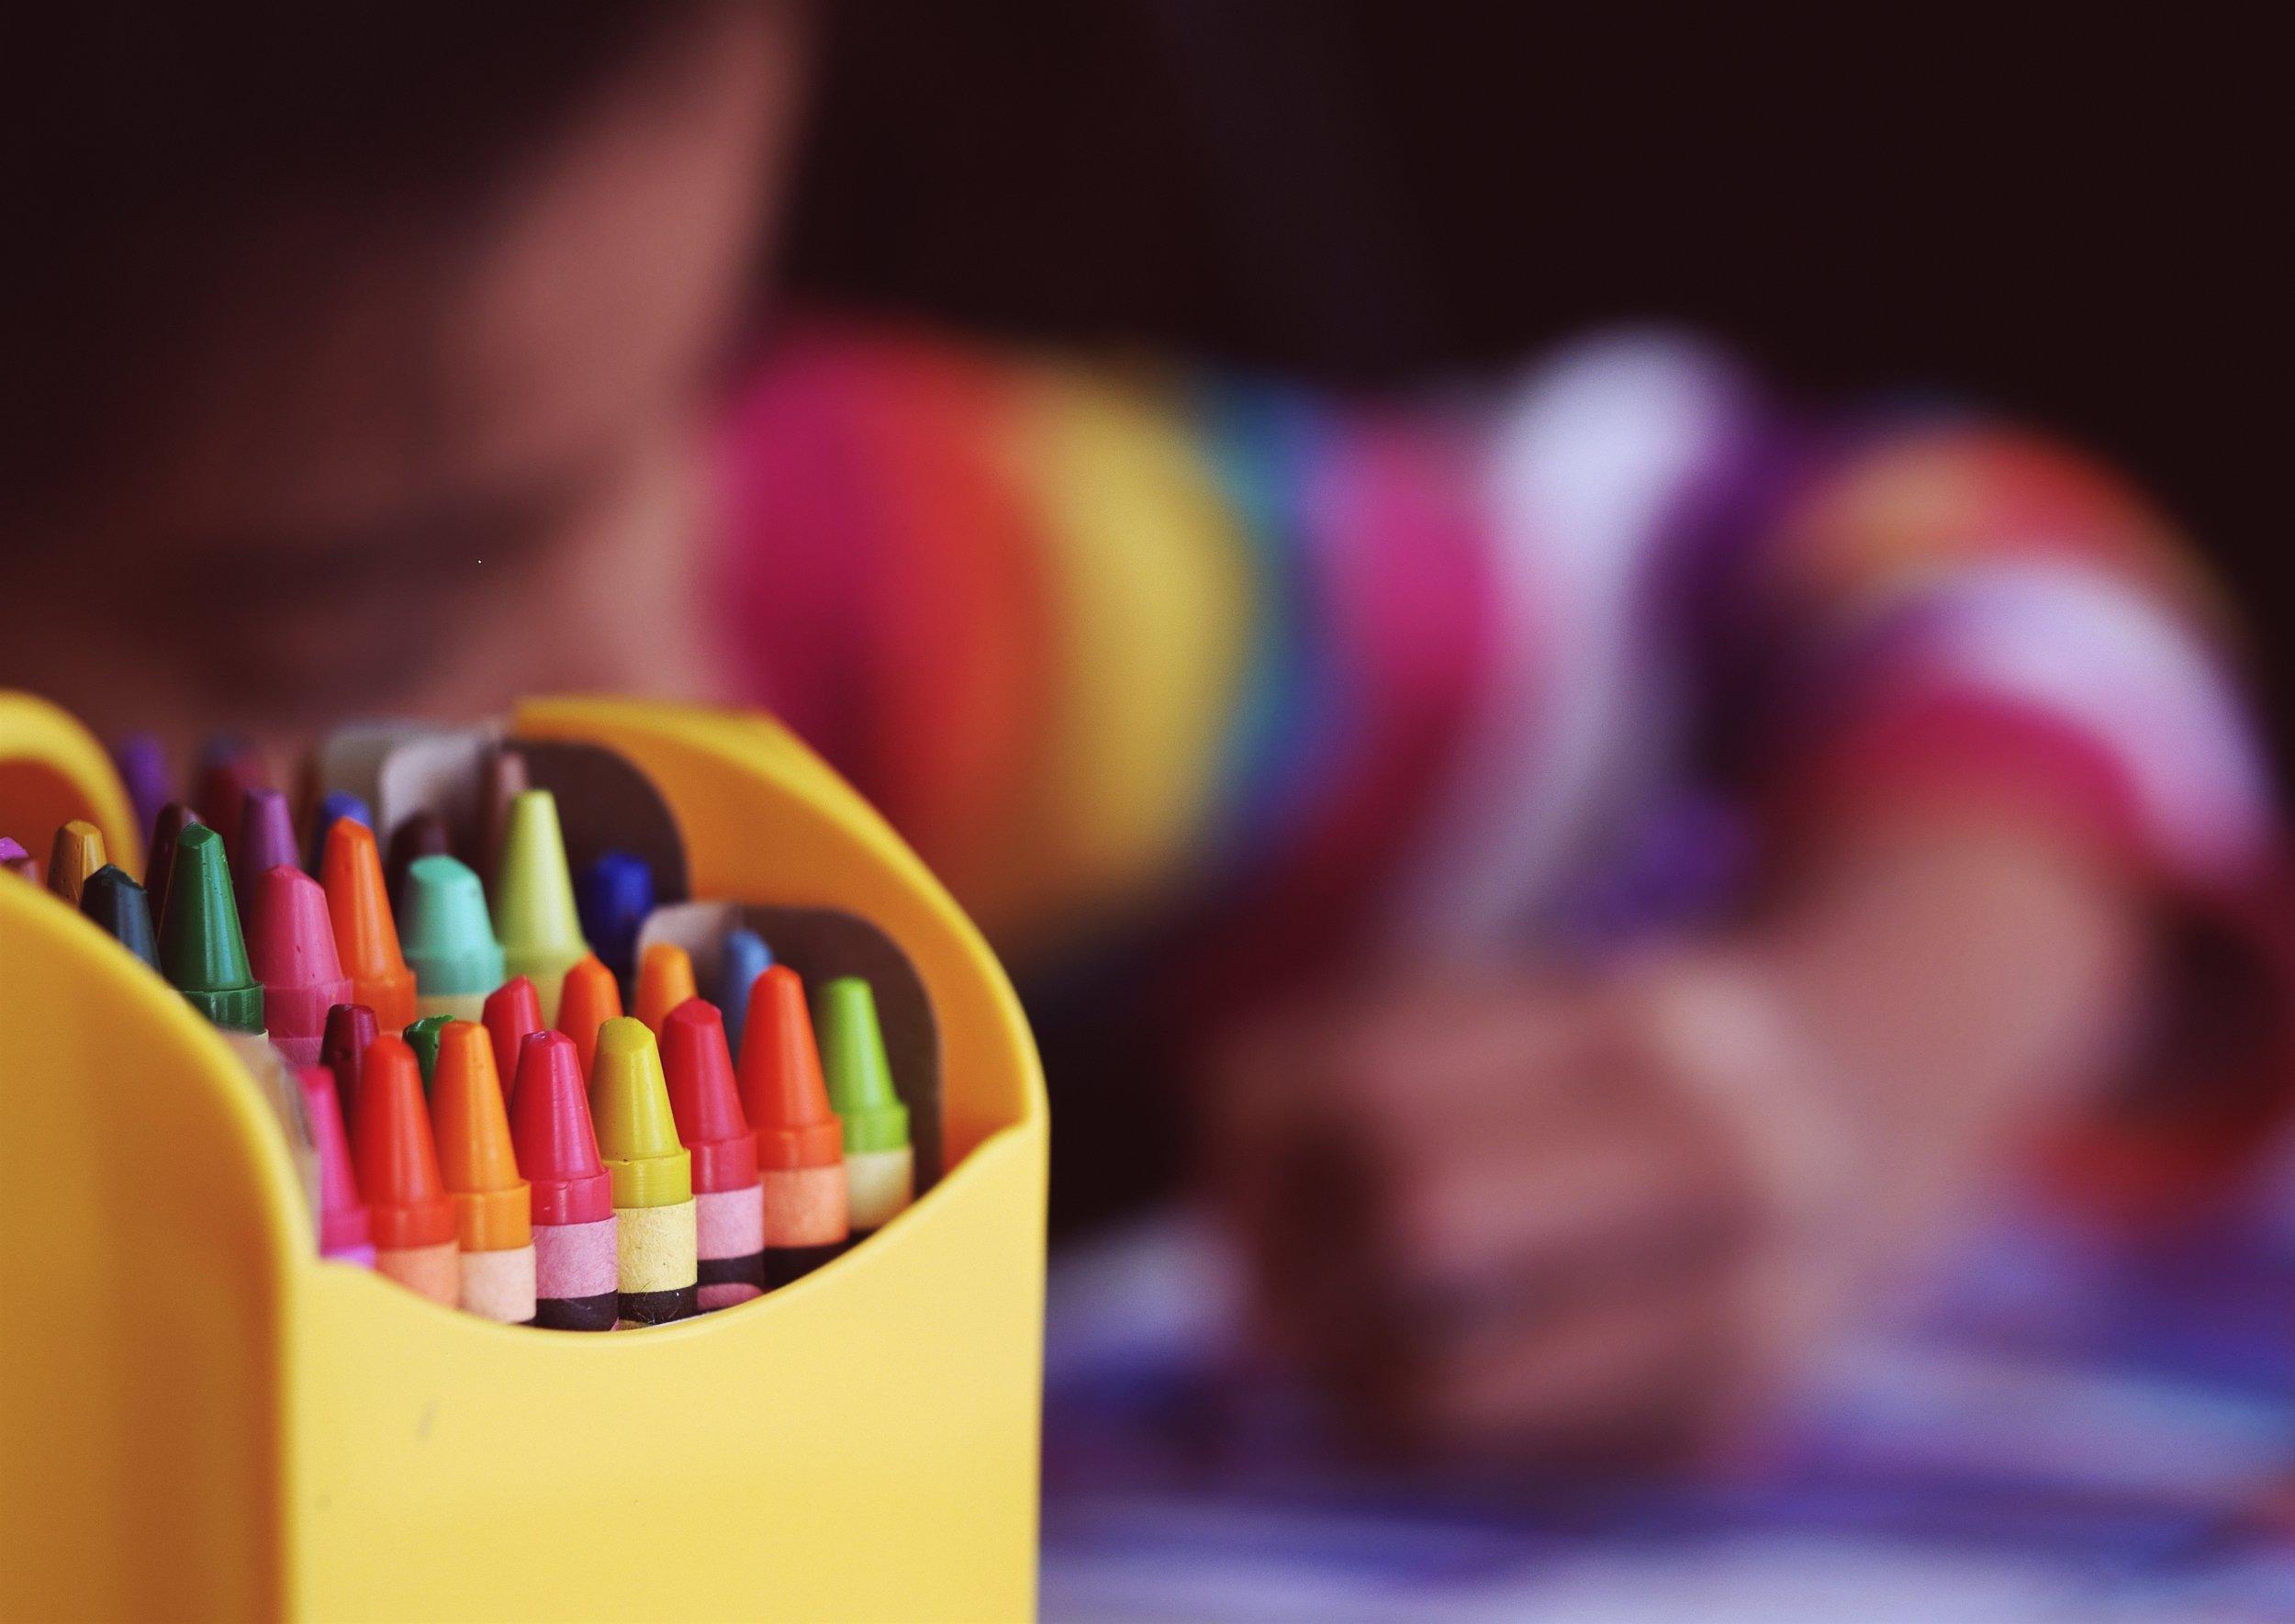 LGBT teme eksplicitno niso omenjene v nobenem osnovnošolskem učnem načrtu, so pojasnili na ministrstvu za izobraževanje, znanost in šport. Foto: Unsplash